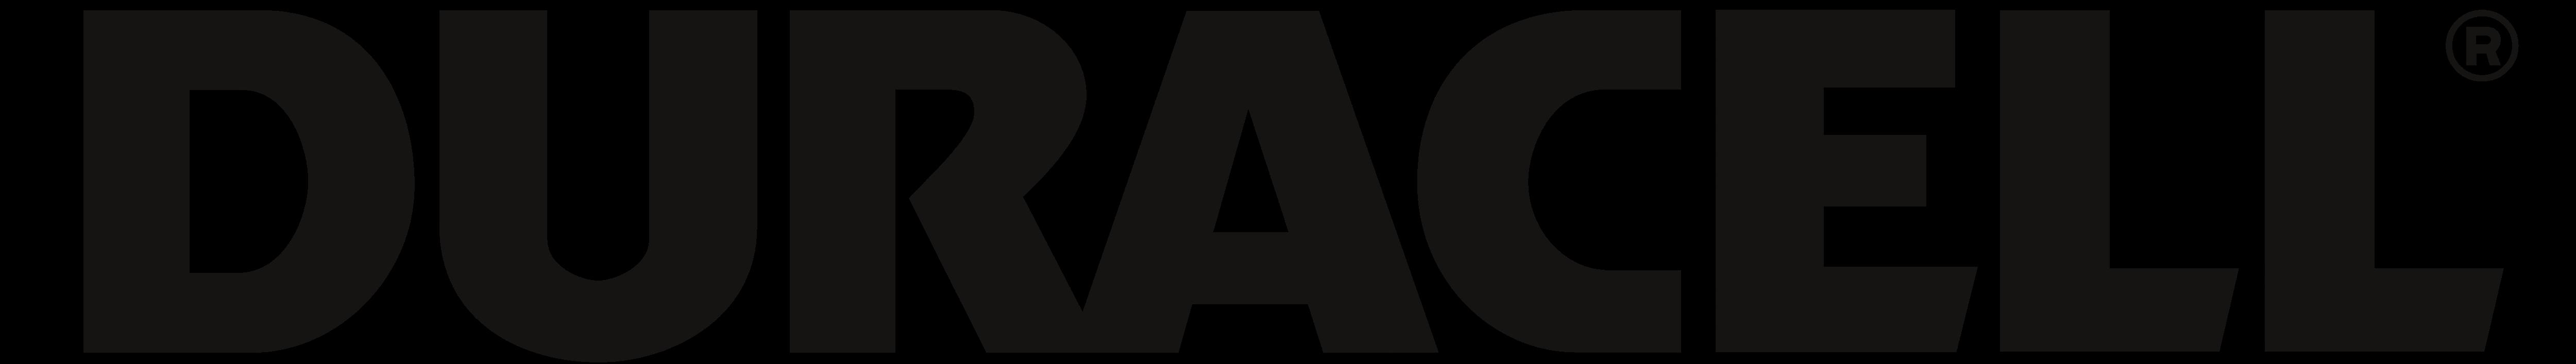 Duracell_logo_logotype_black